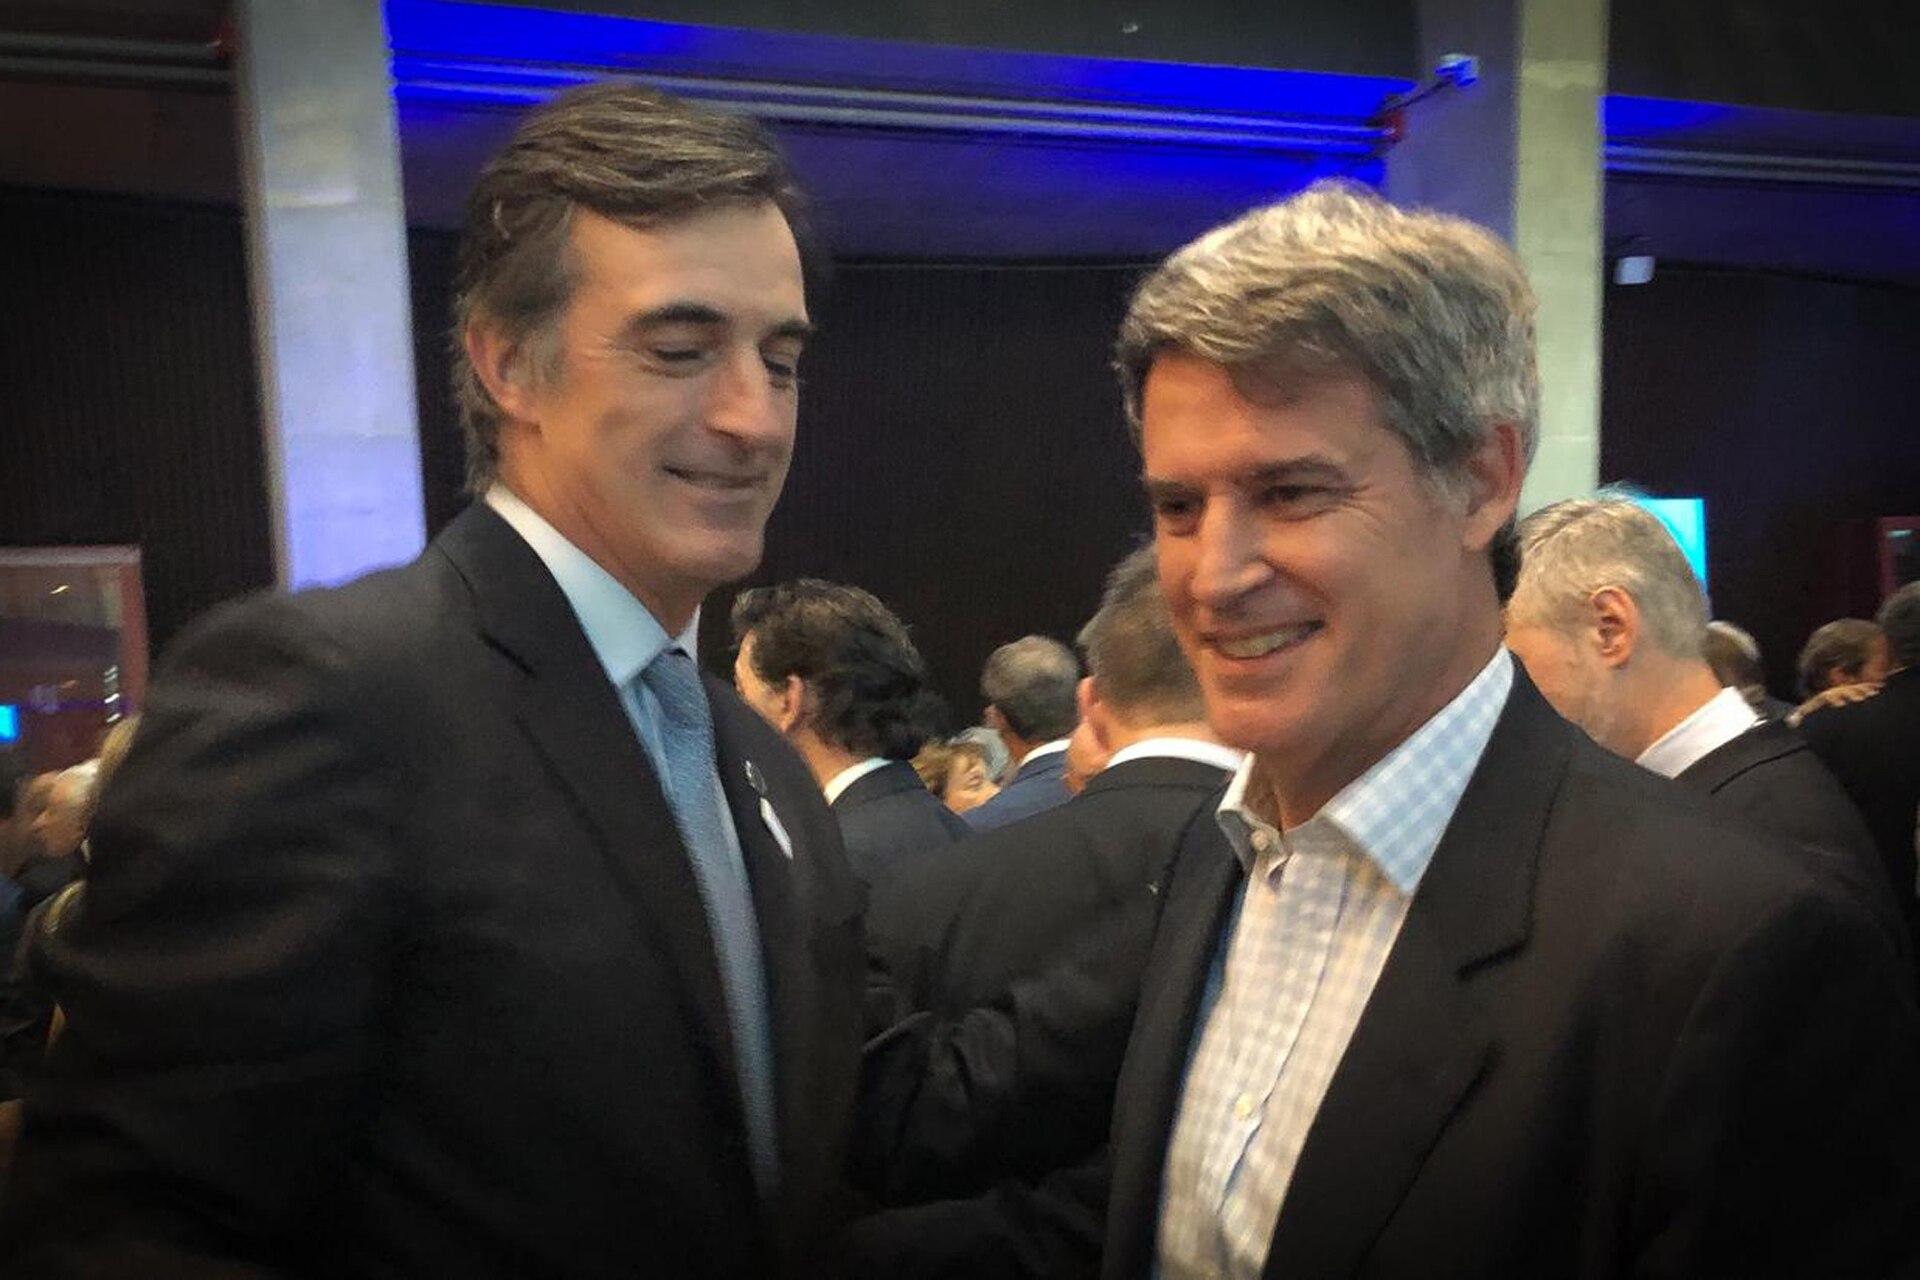 El senador Esteban Bullrich y elexministro de Hacienda, Alfonso Prat-Gay